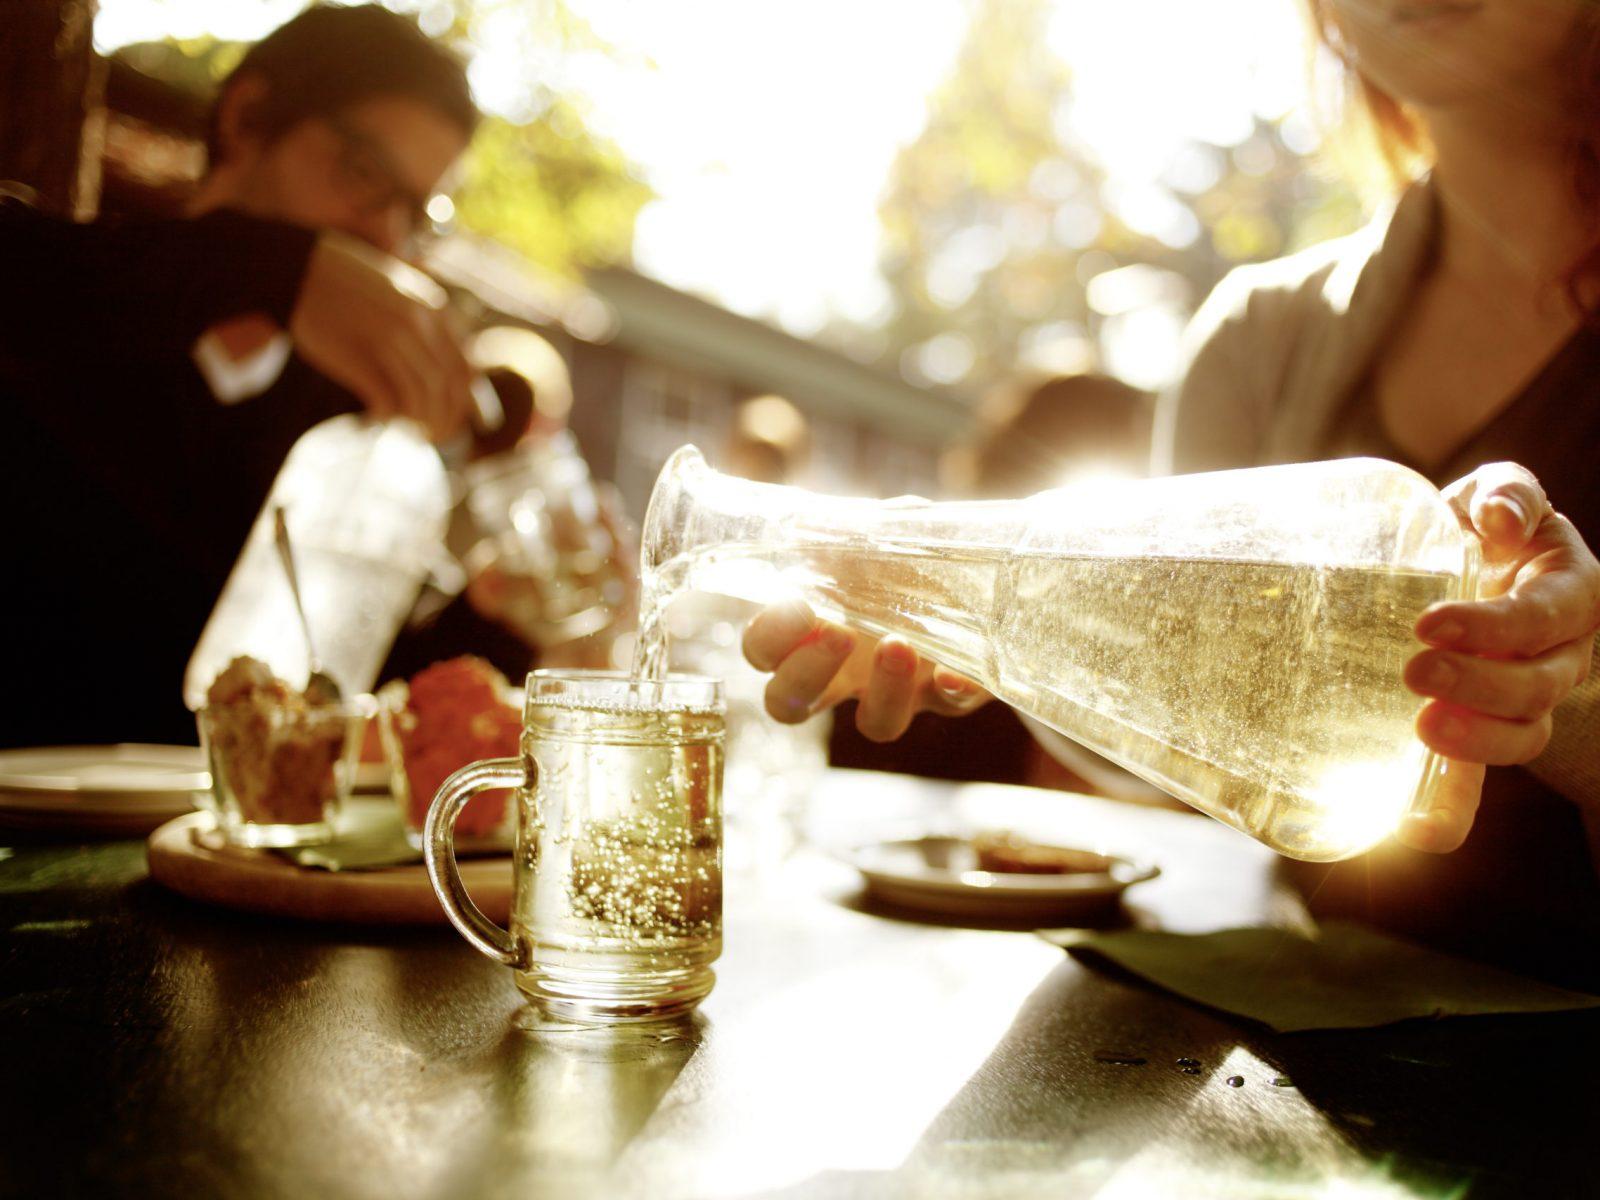 Heuriger Schübel-Auer / Schuebel-Auer Wine Tavern